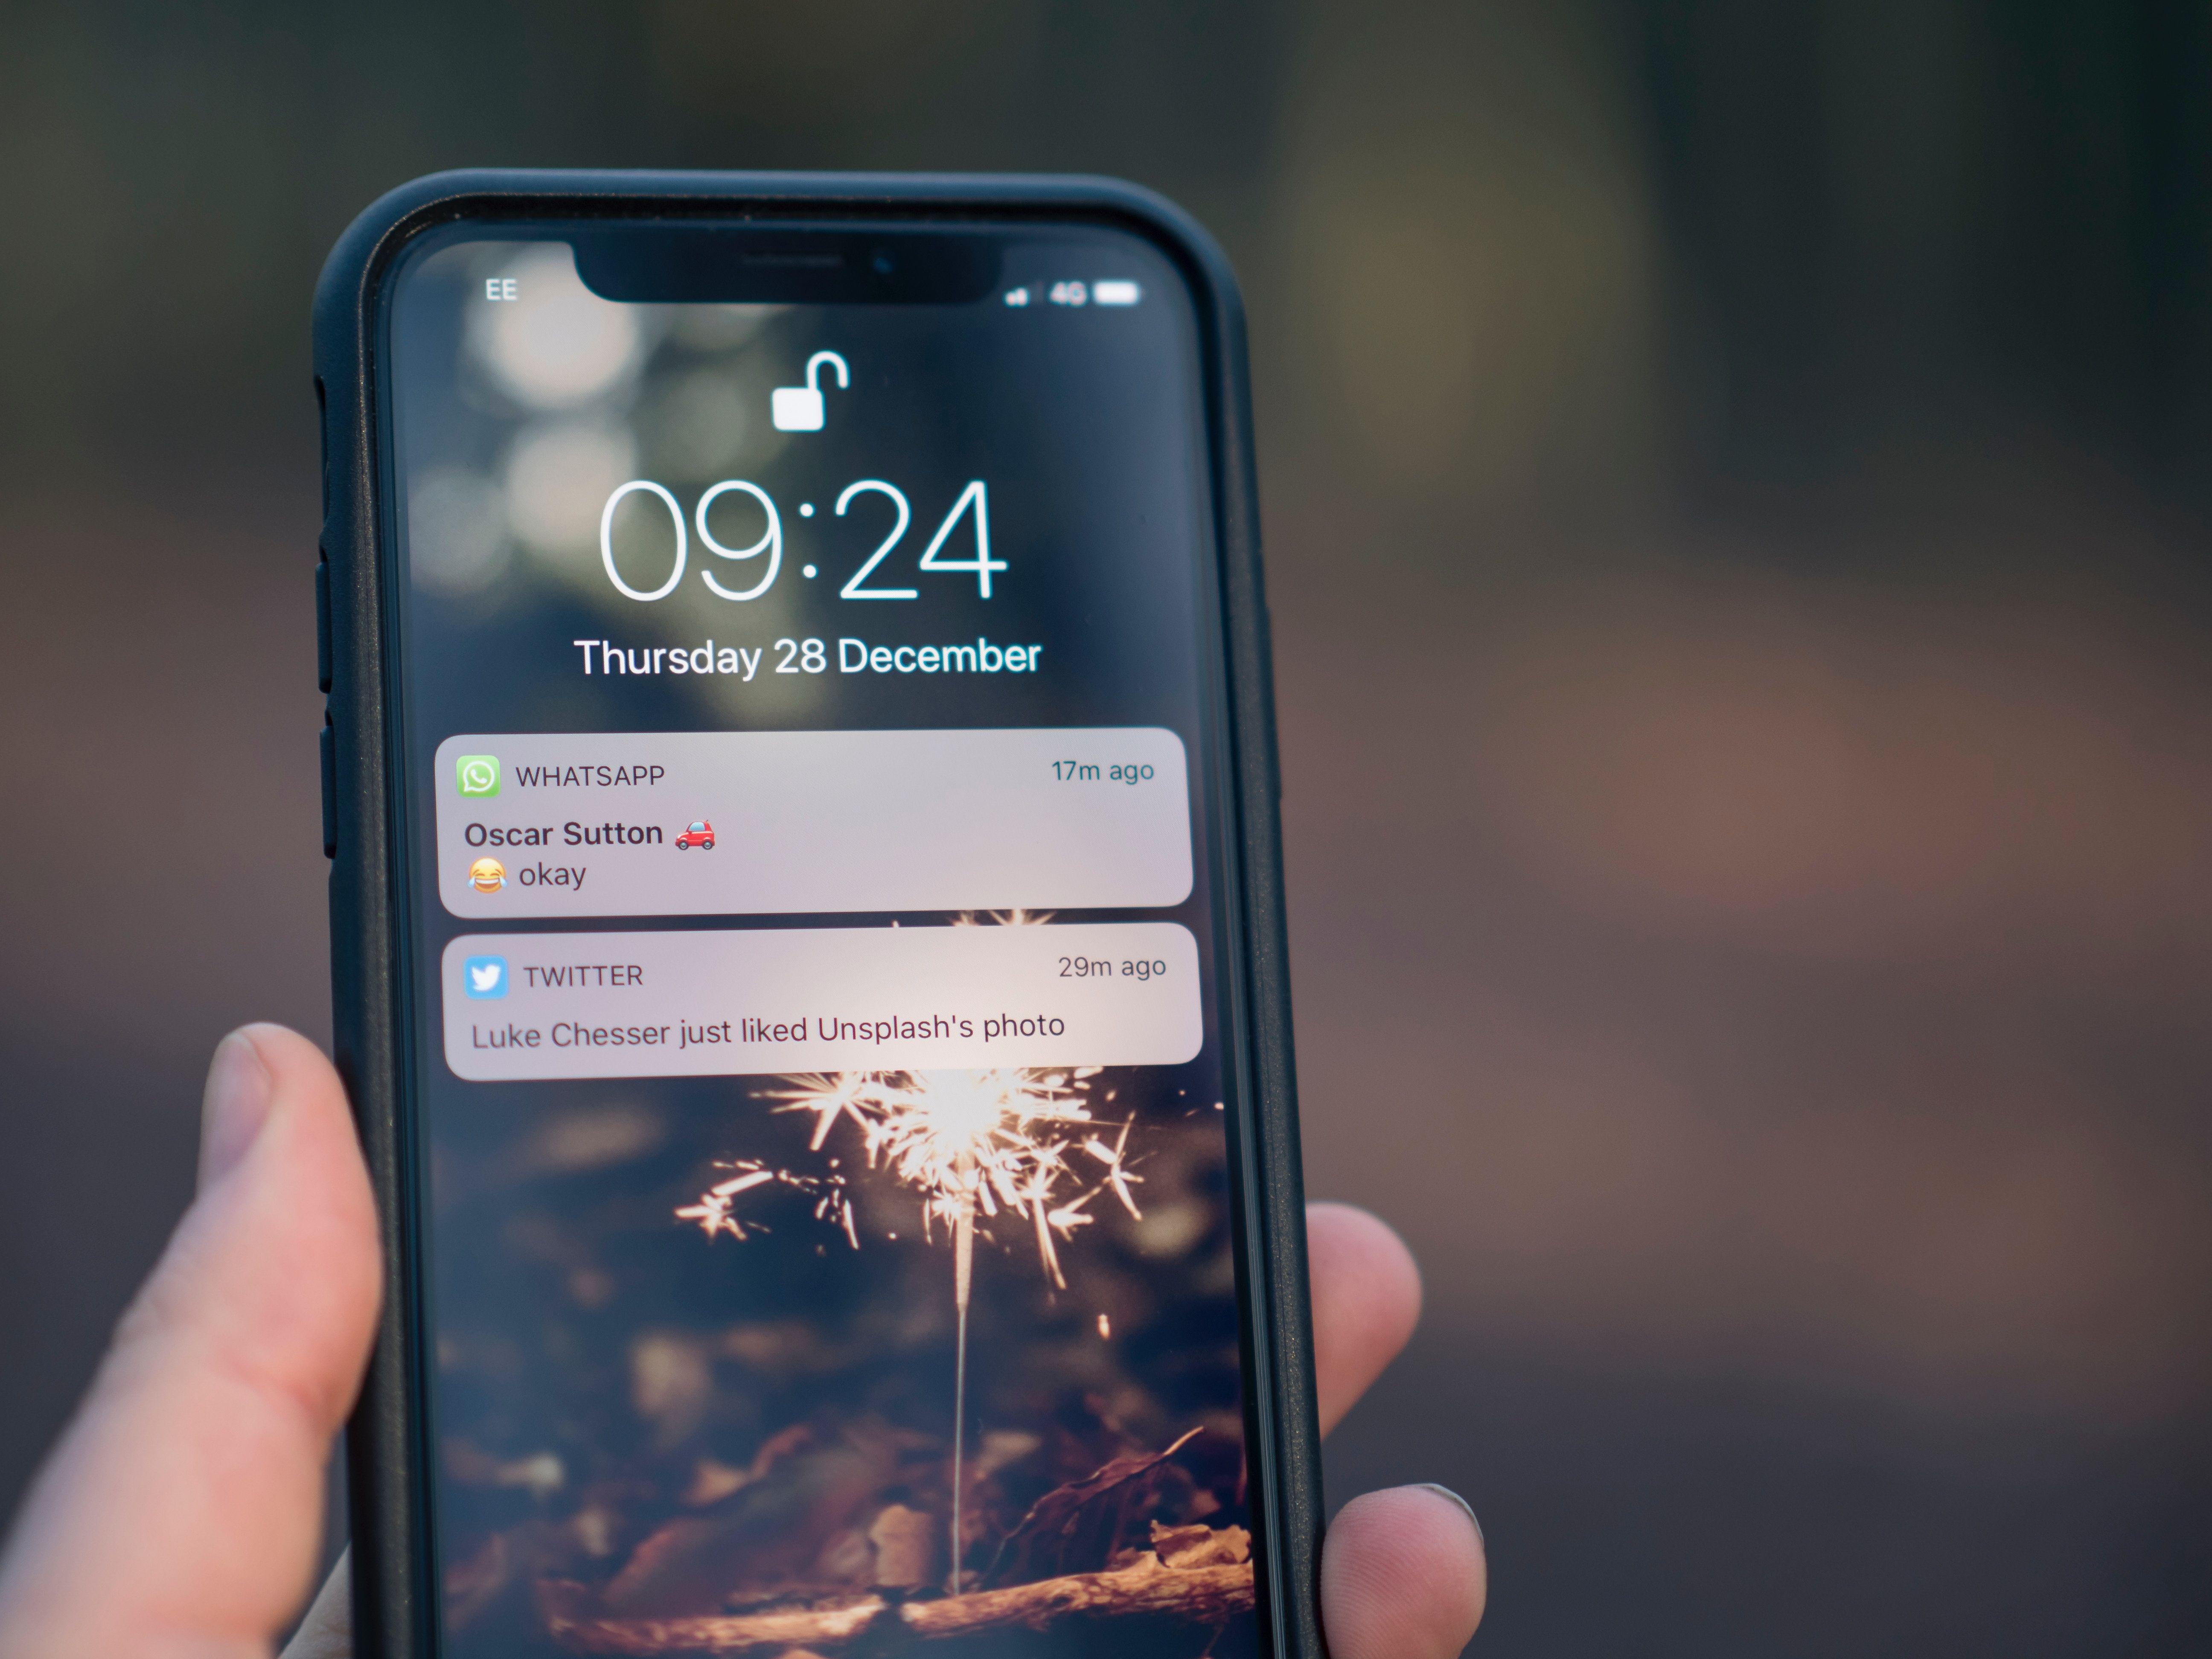 ¿Cómo utilizamos los dispositivos móviles?